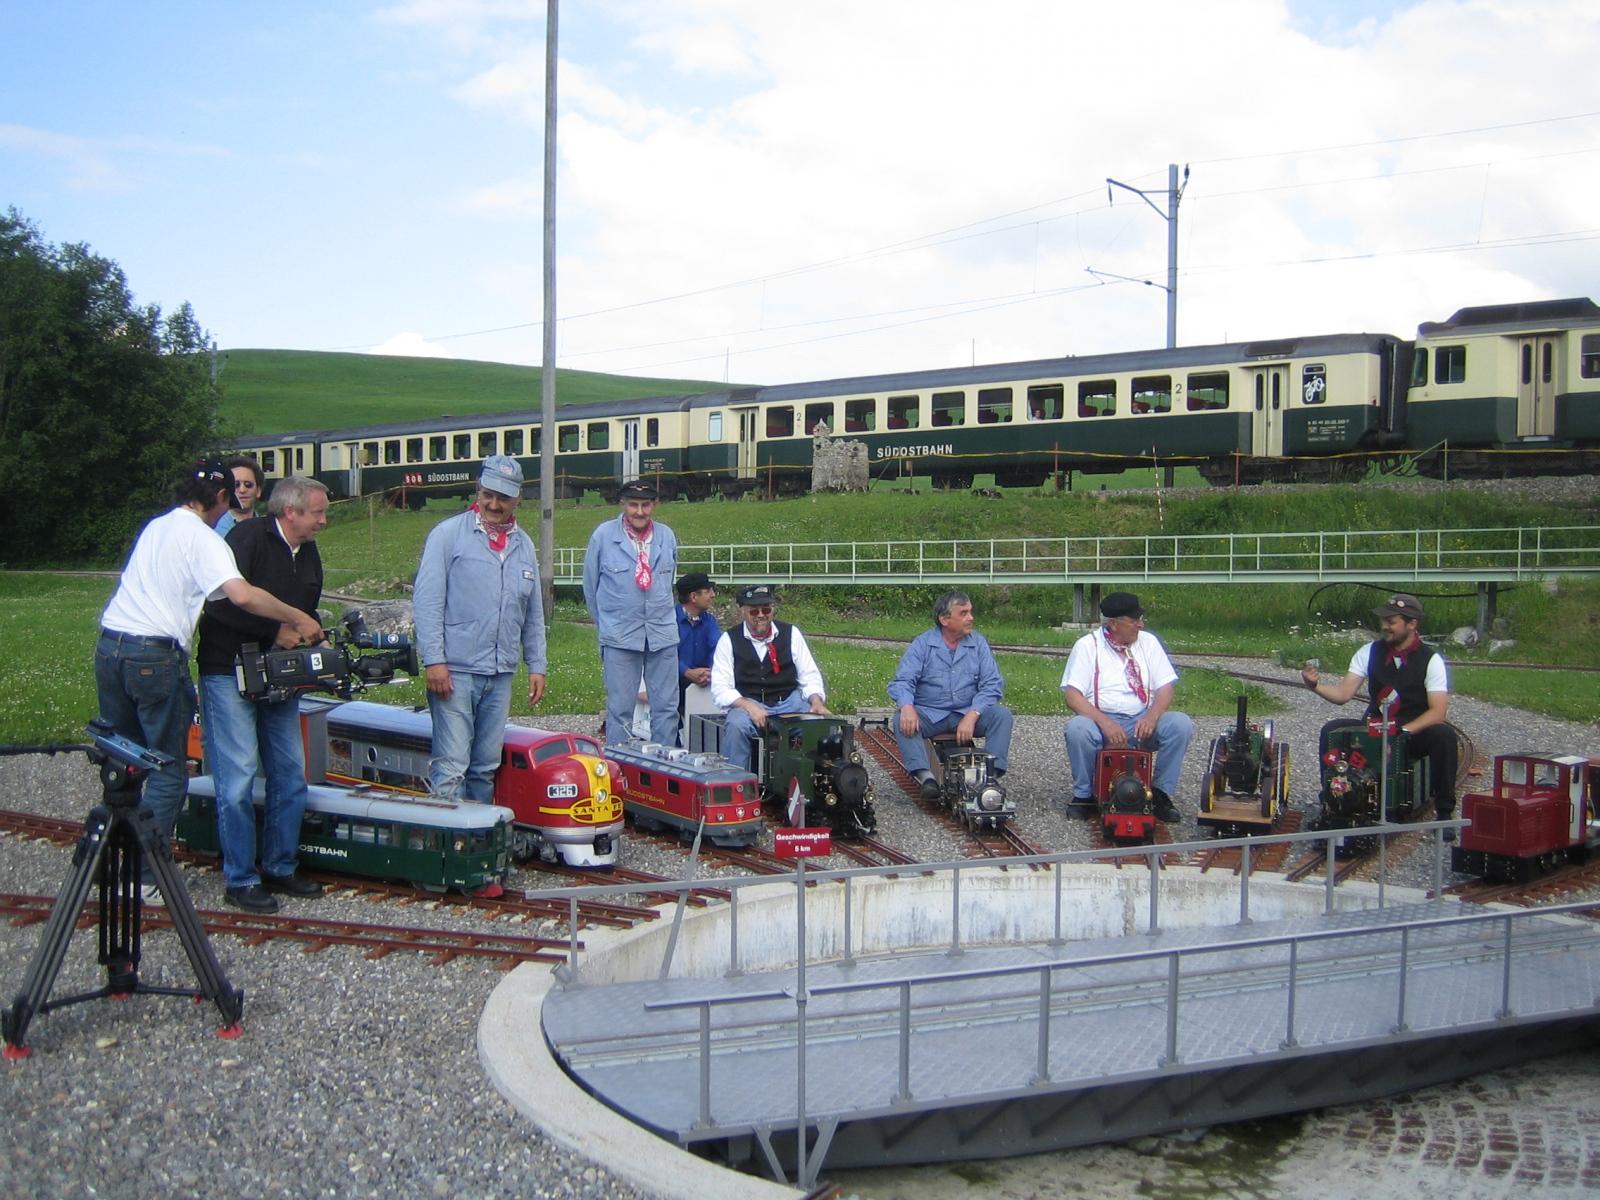 Der Fernsehsender SWR beim Filmen für die Sendung-Eisenbahn-Romantik auf der Gartenbahnanlage im Jahr 2005